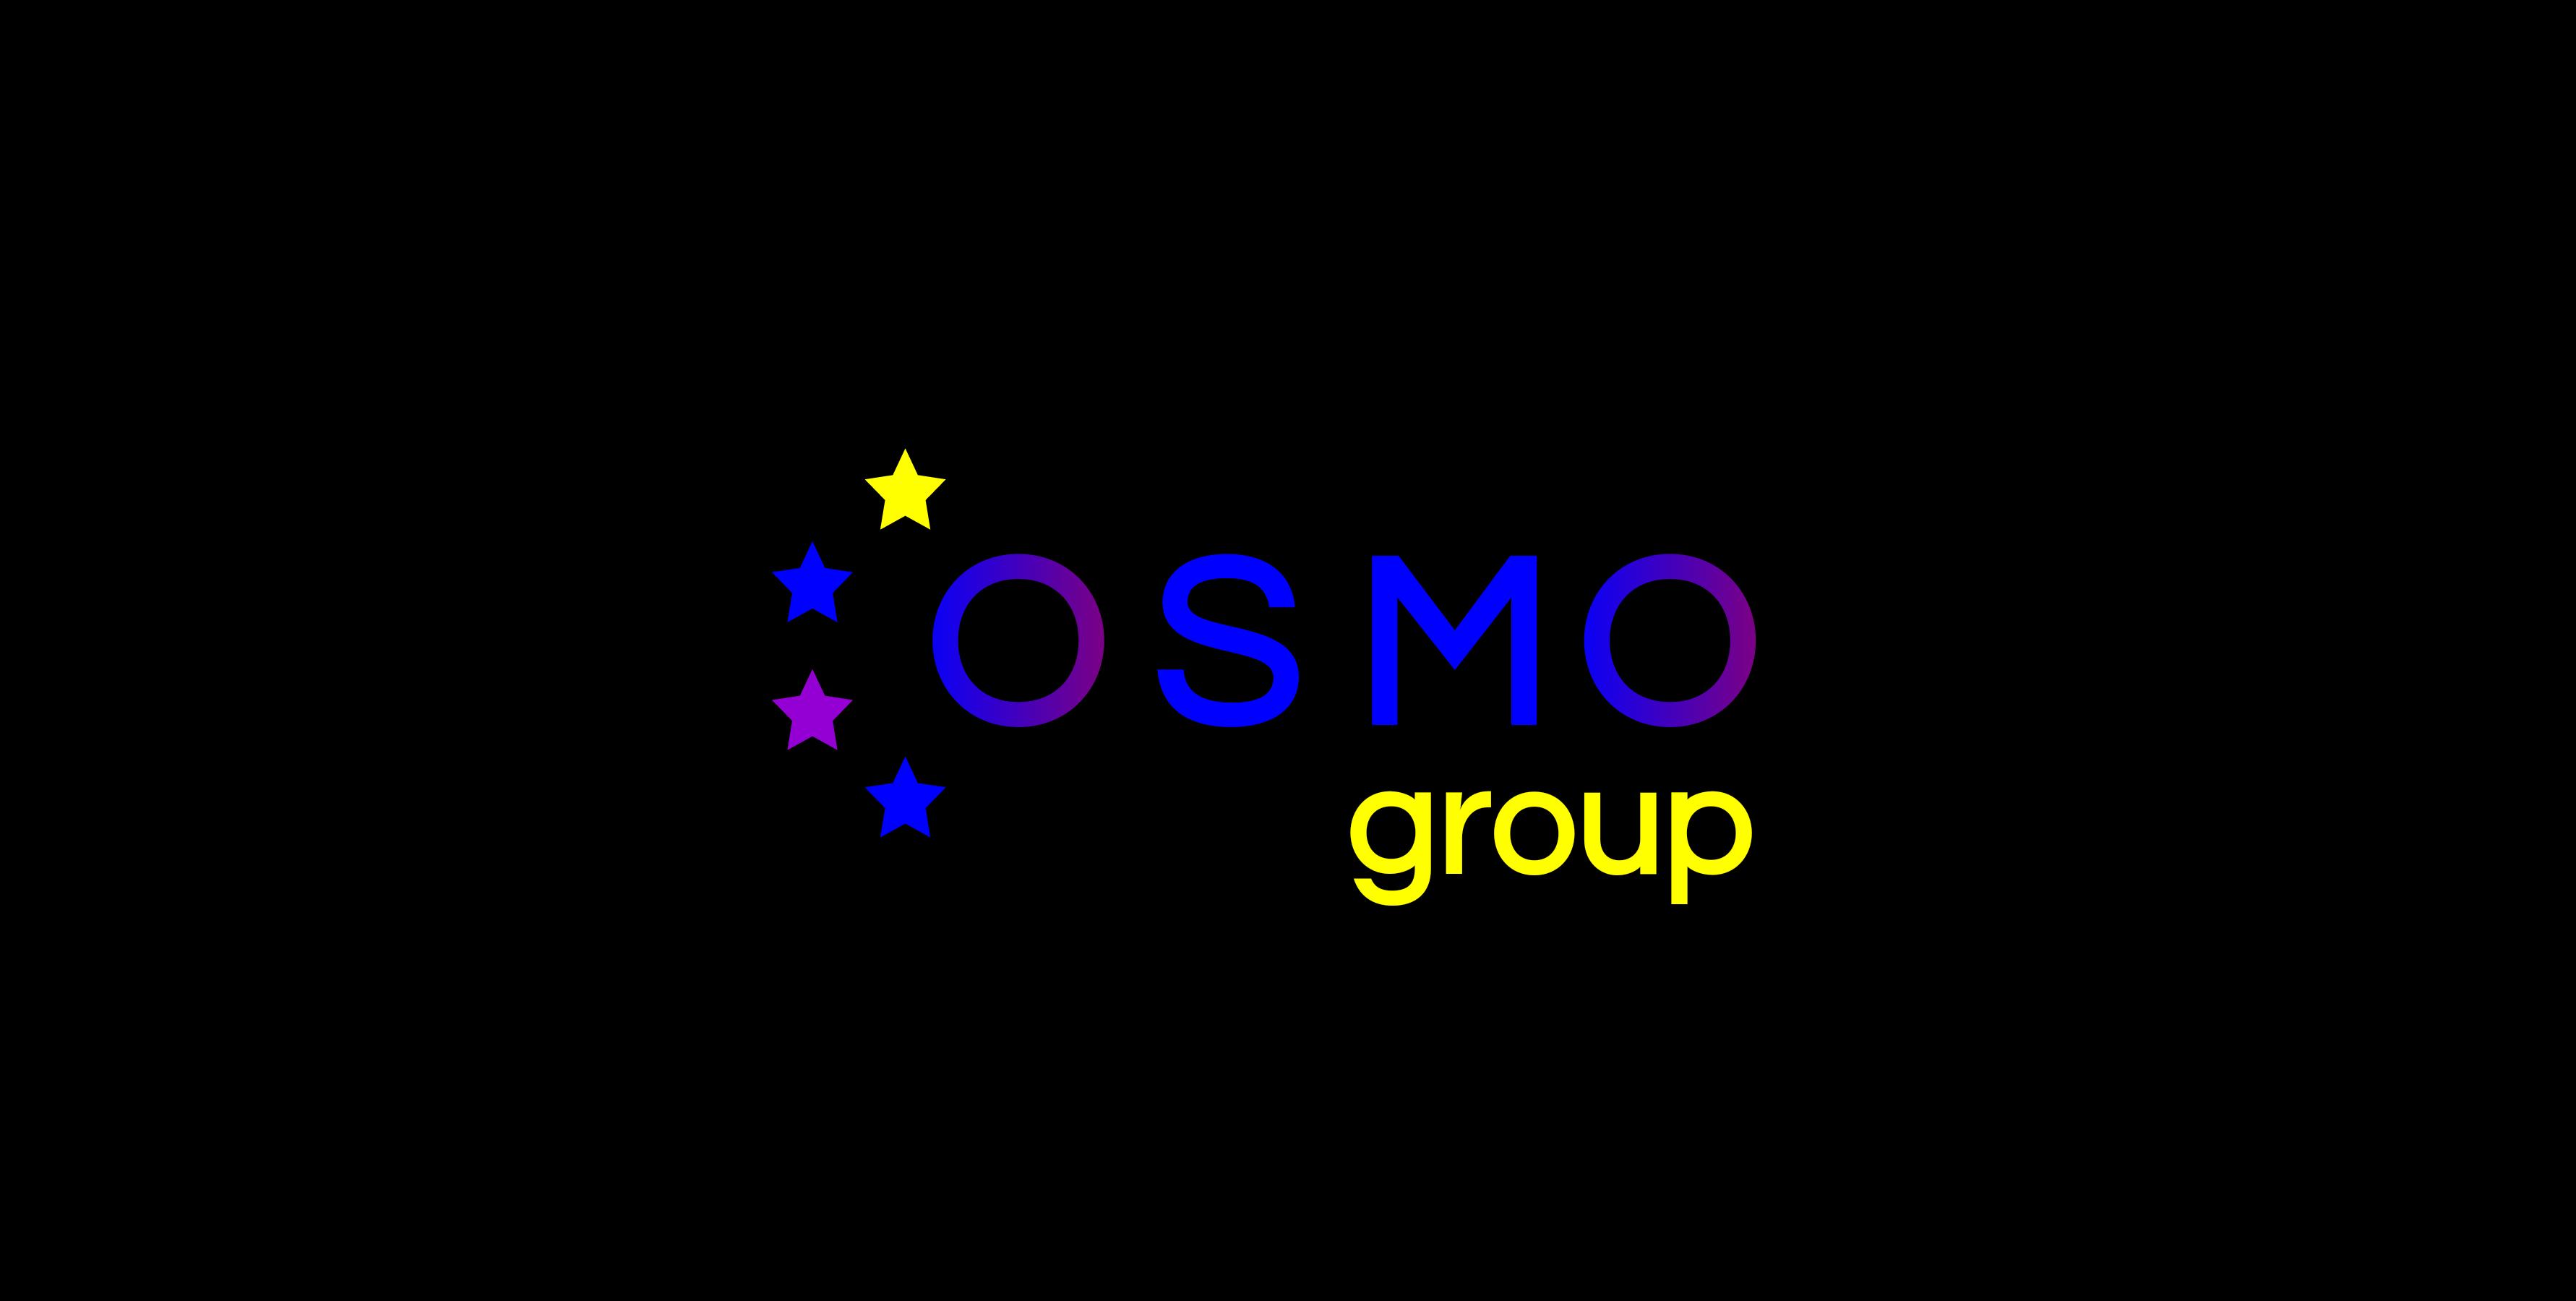 Создание логотипа для строительной компании OSMO group  фото f_56959b6f38059f80.png